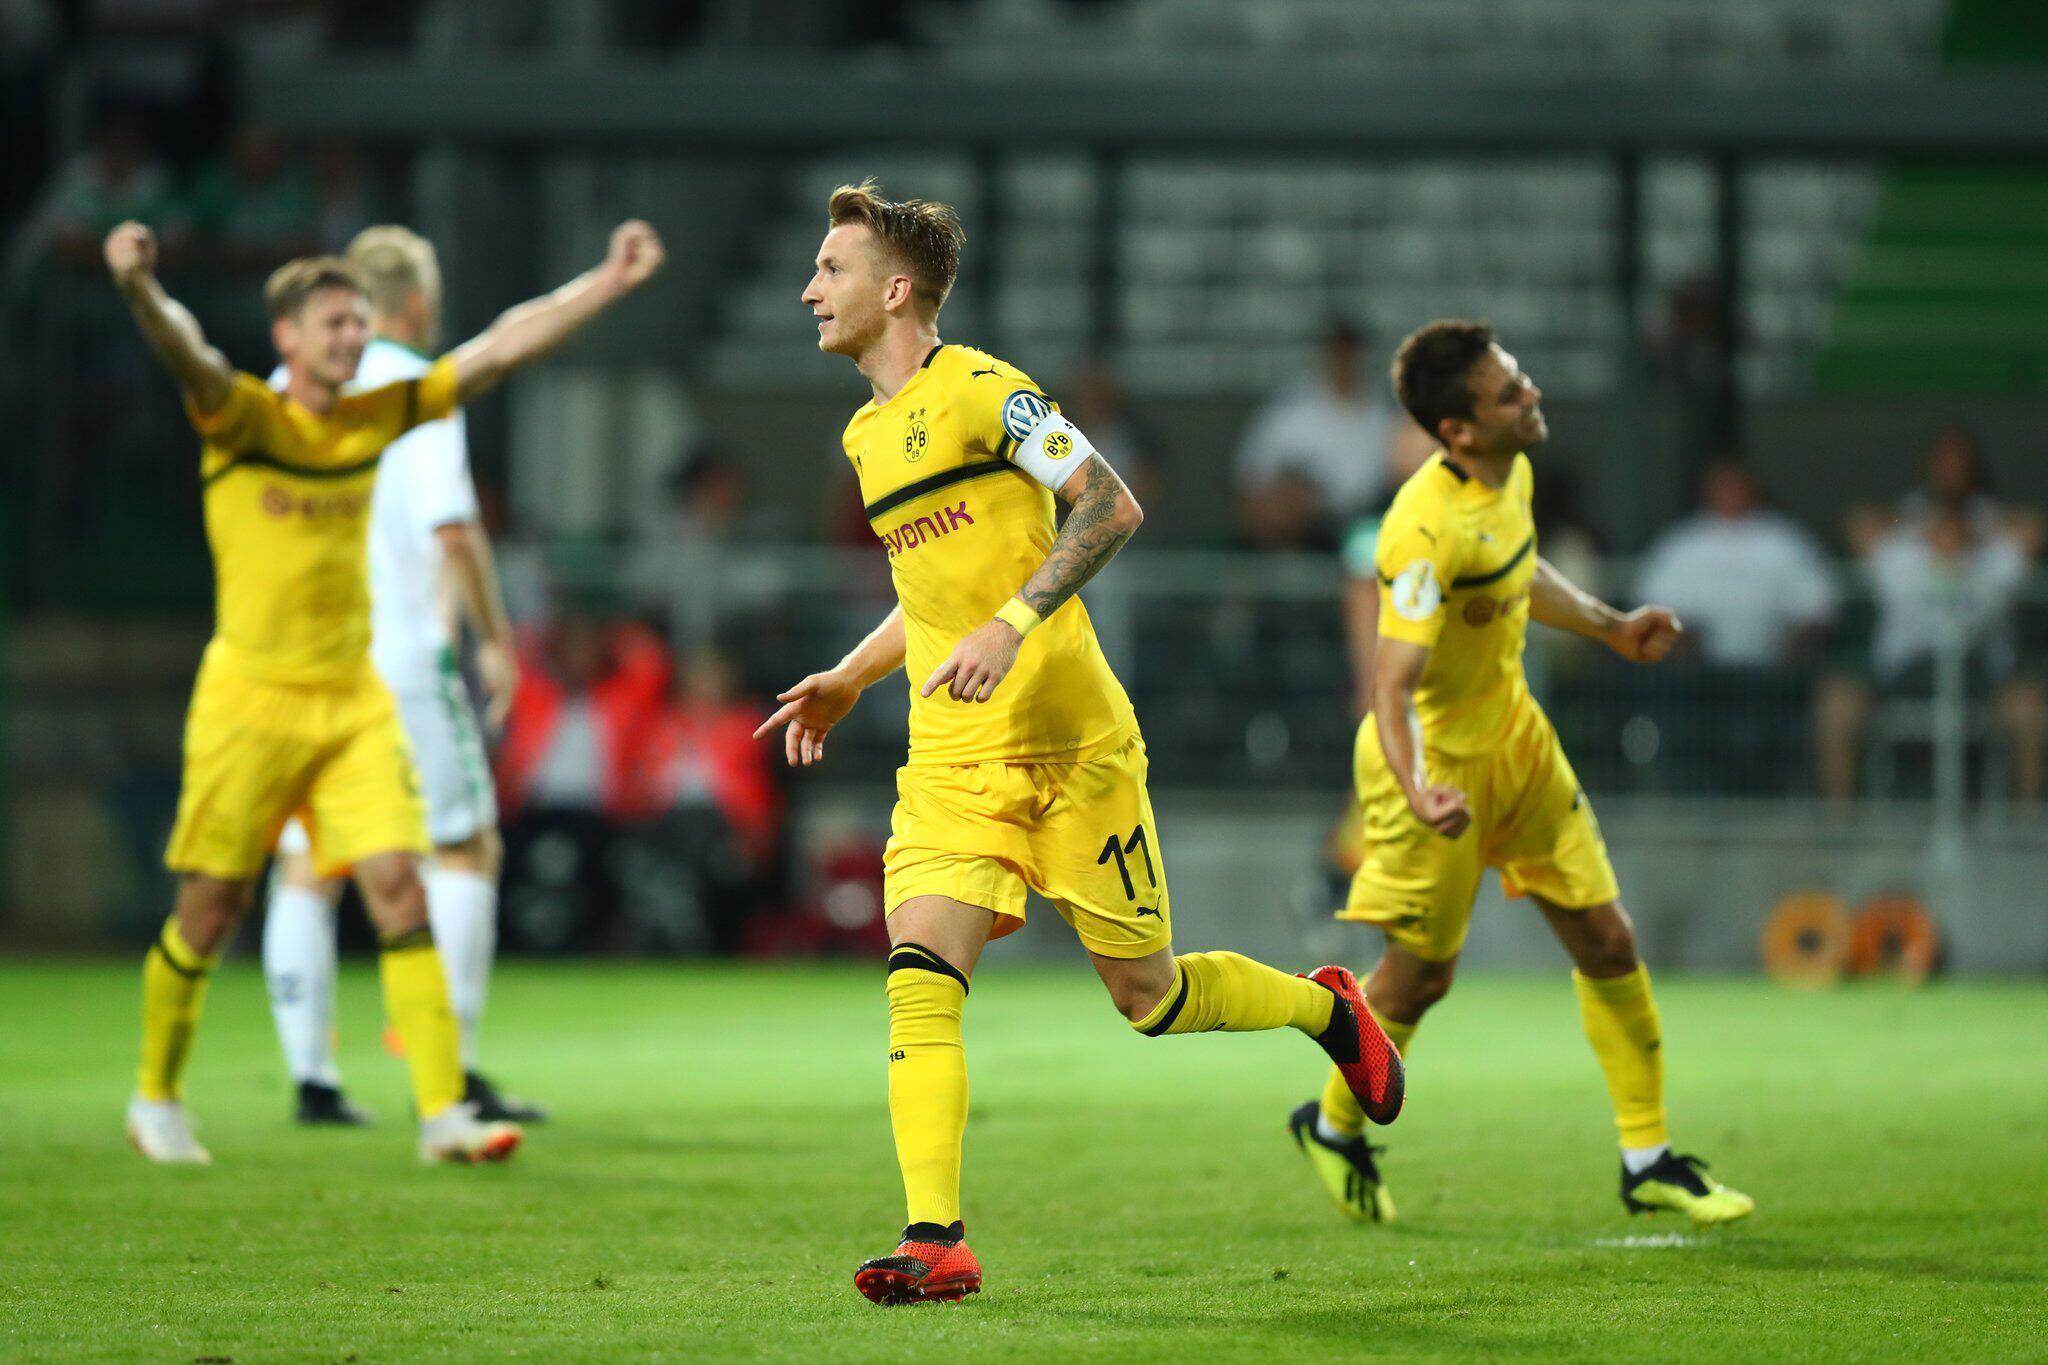 Bild zu SpVgg Greuther Fürth - Borussia Dortmund